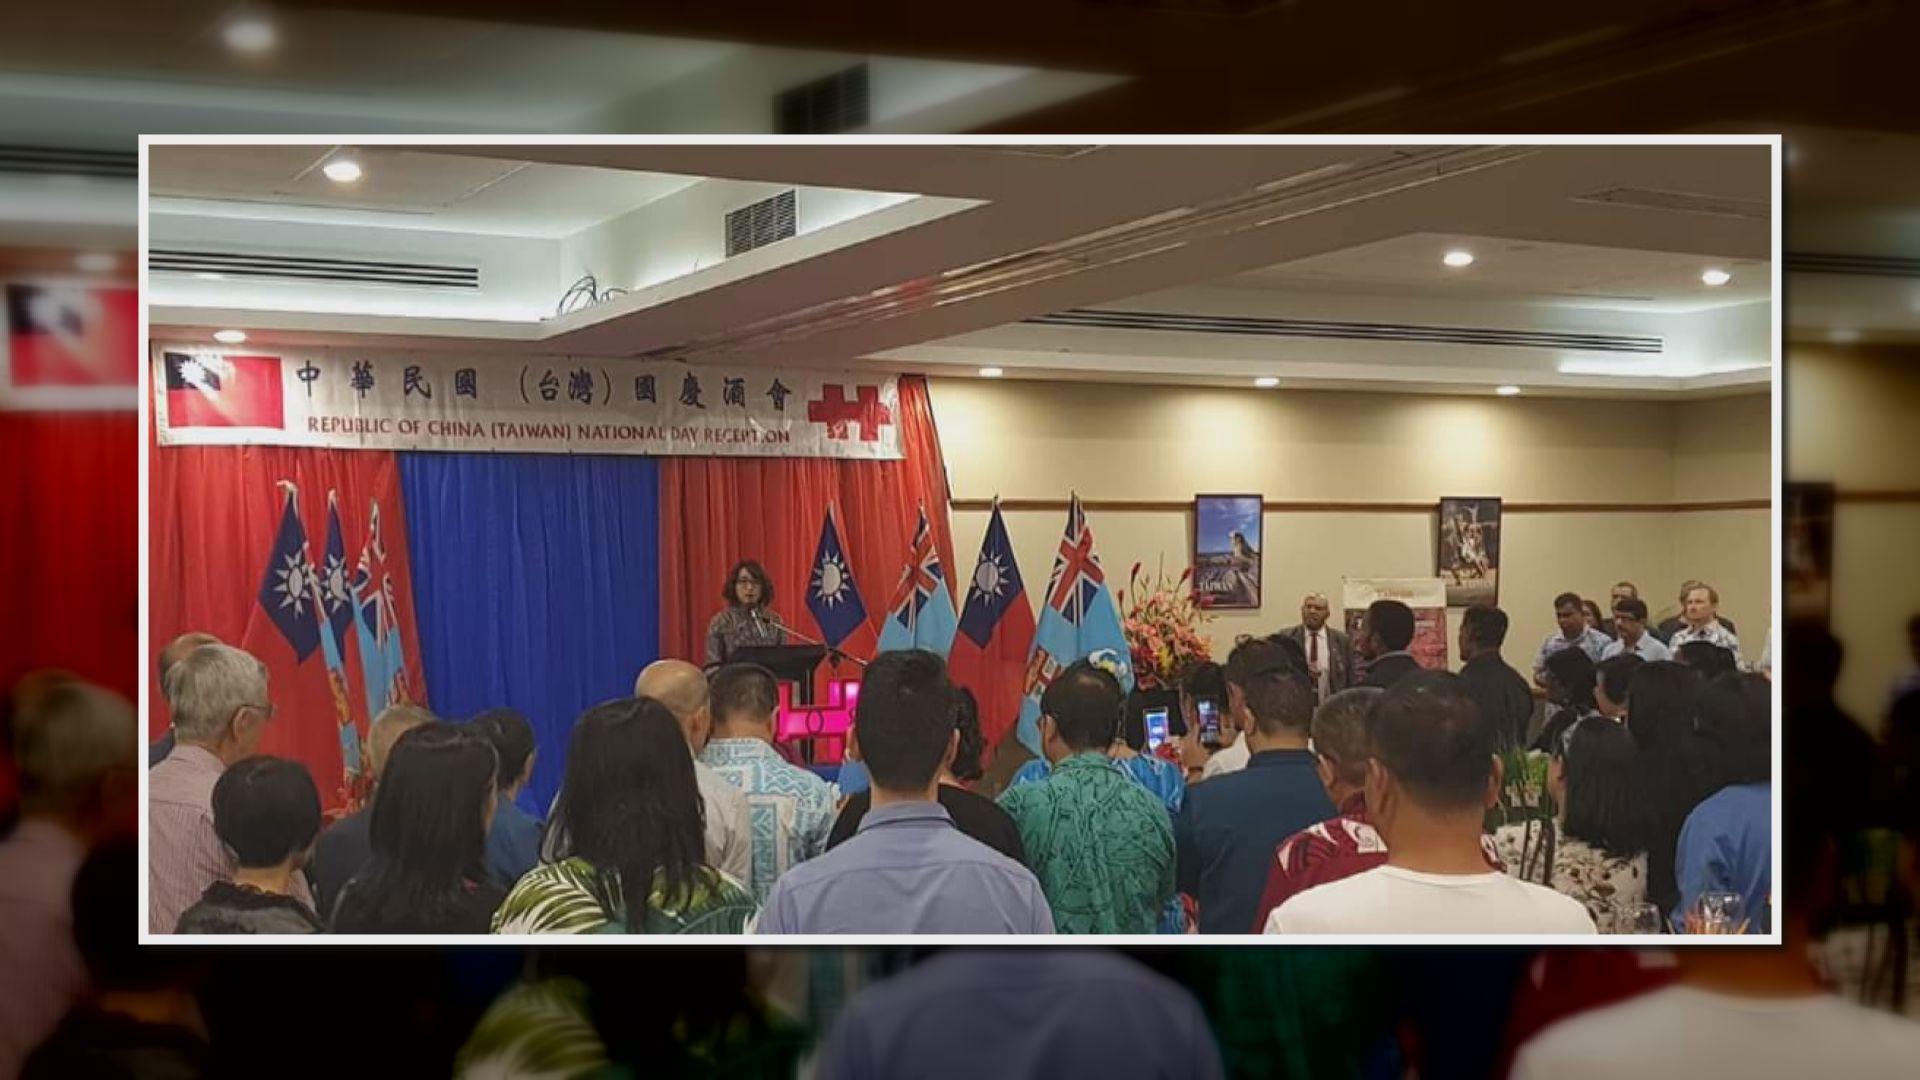 兩岸派駐斐濟人員日前肢體衝突 斐濟警方:各方同意外交層面處理